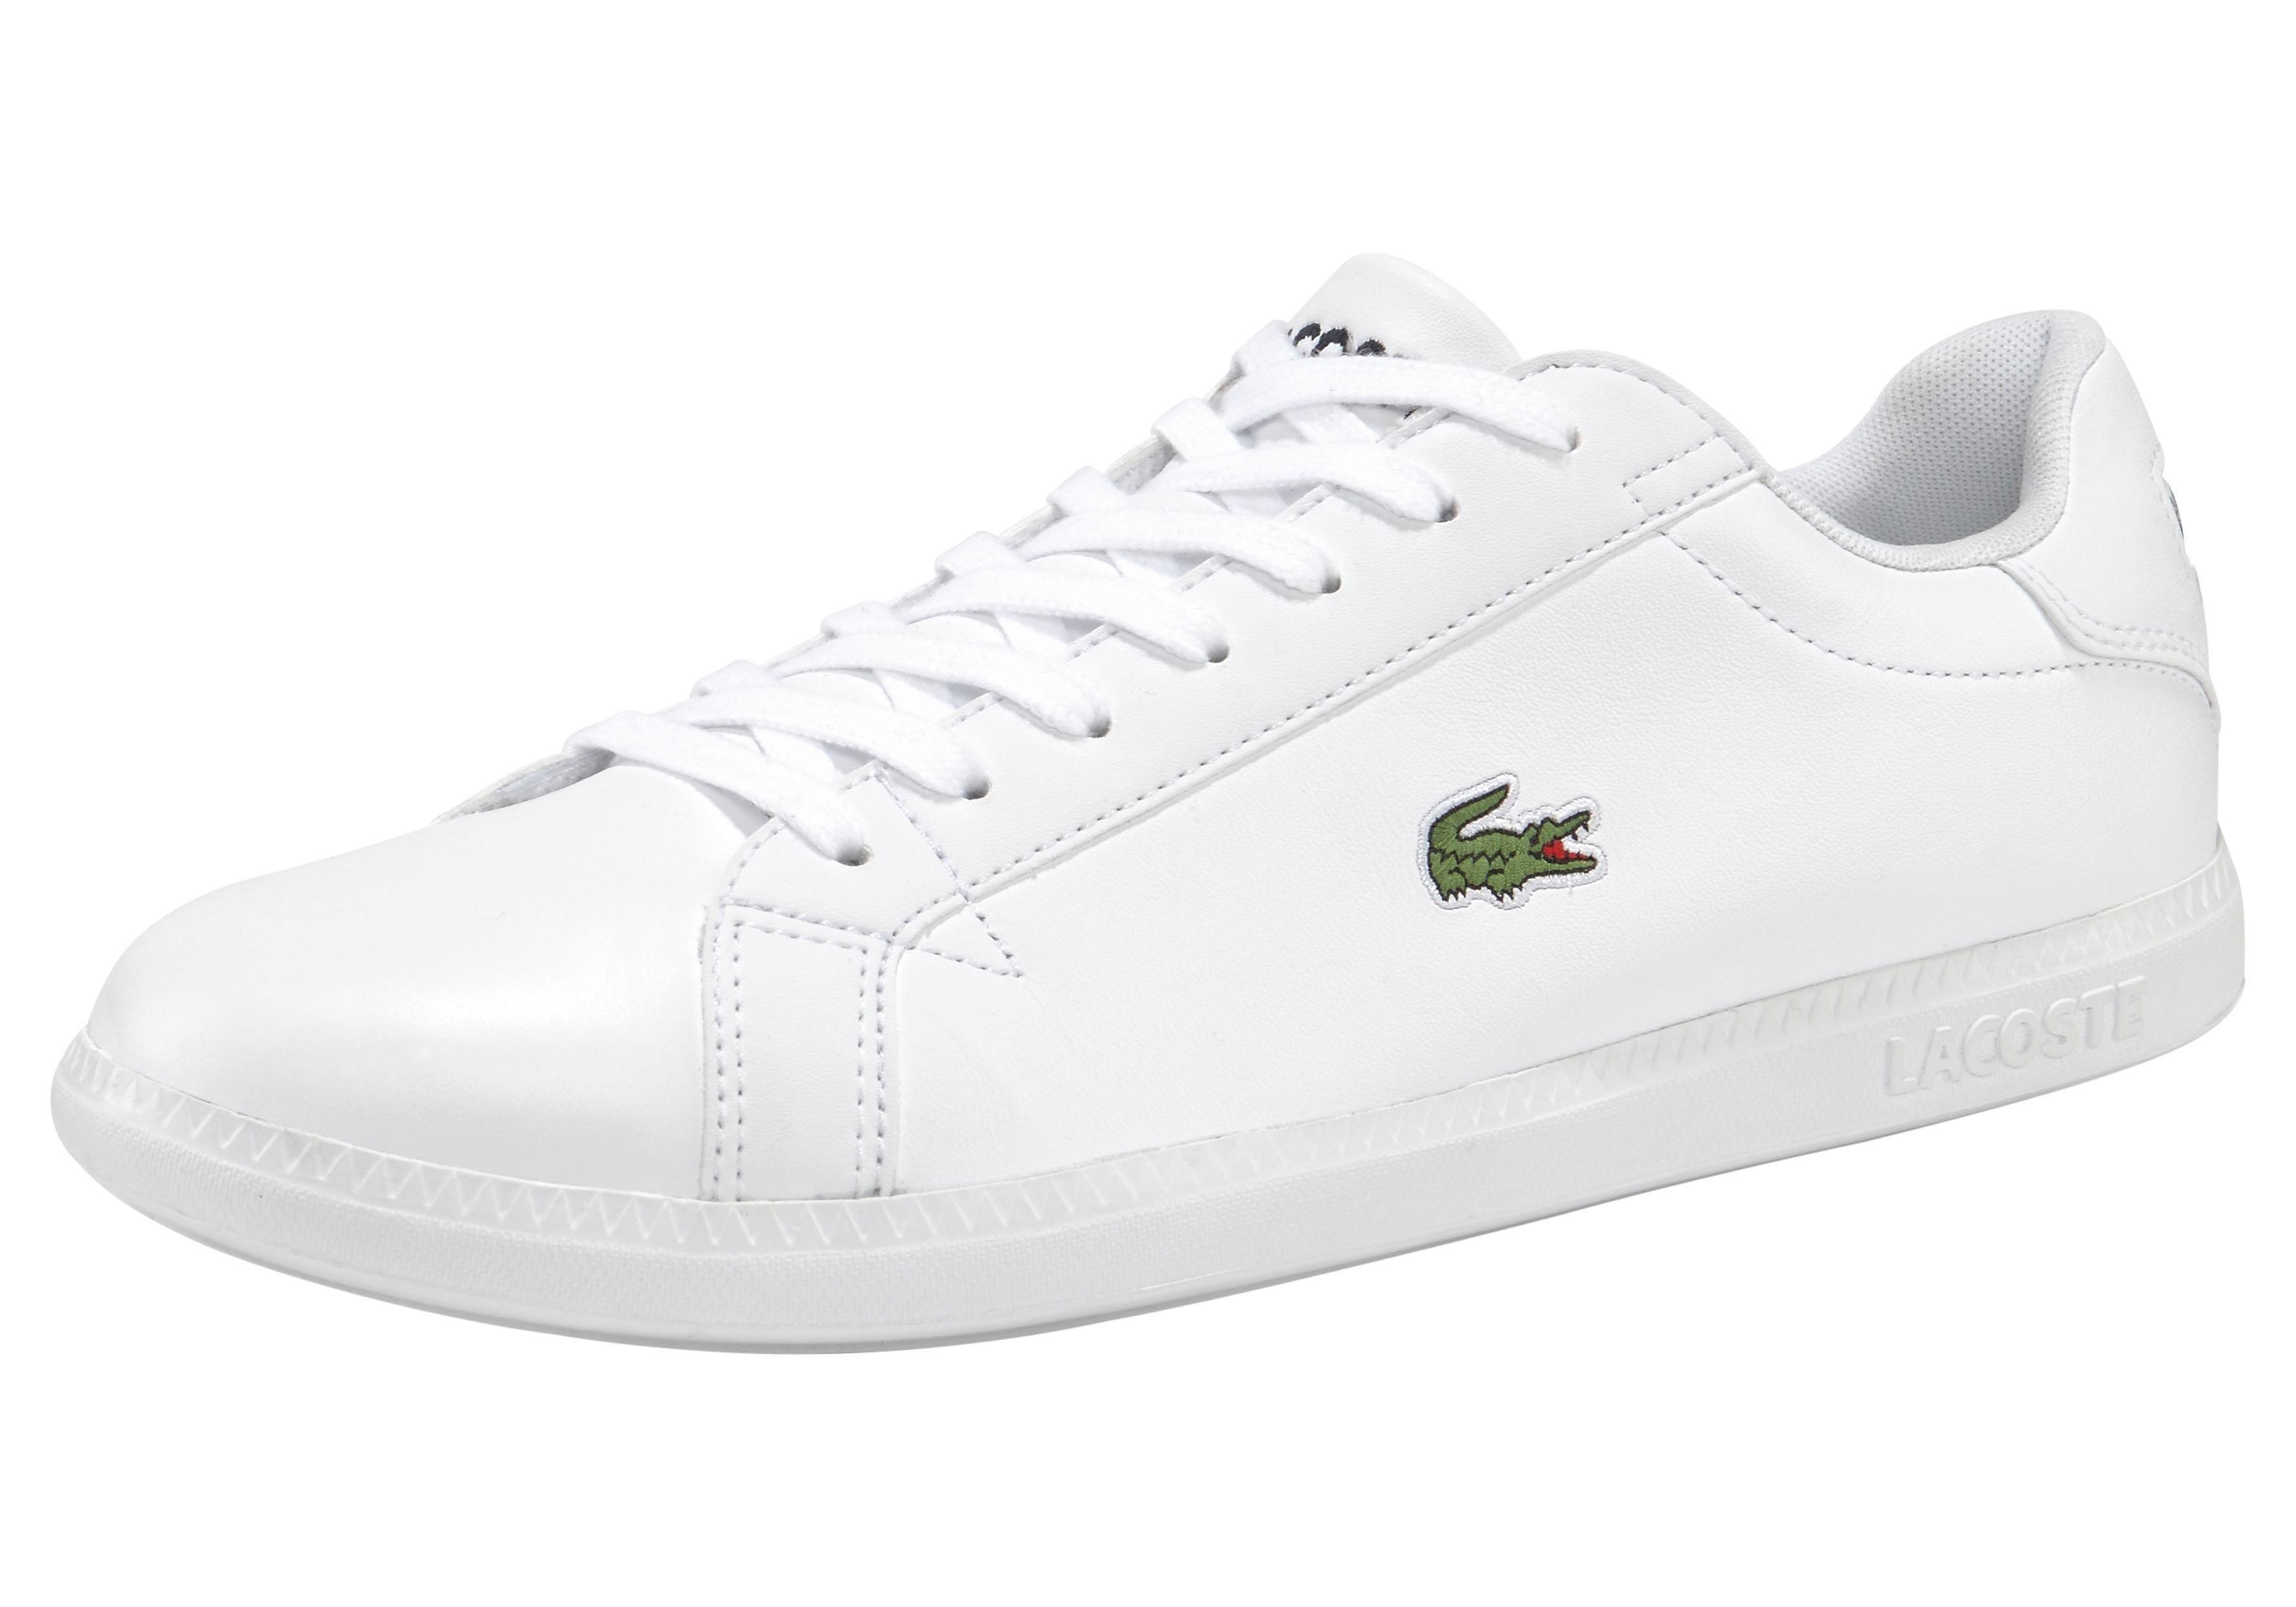 Lacoste sneakers GRADUATE BL 1 voordelig en veilig online kopen